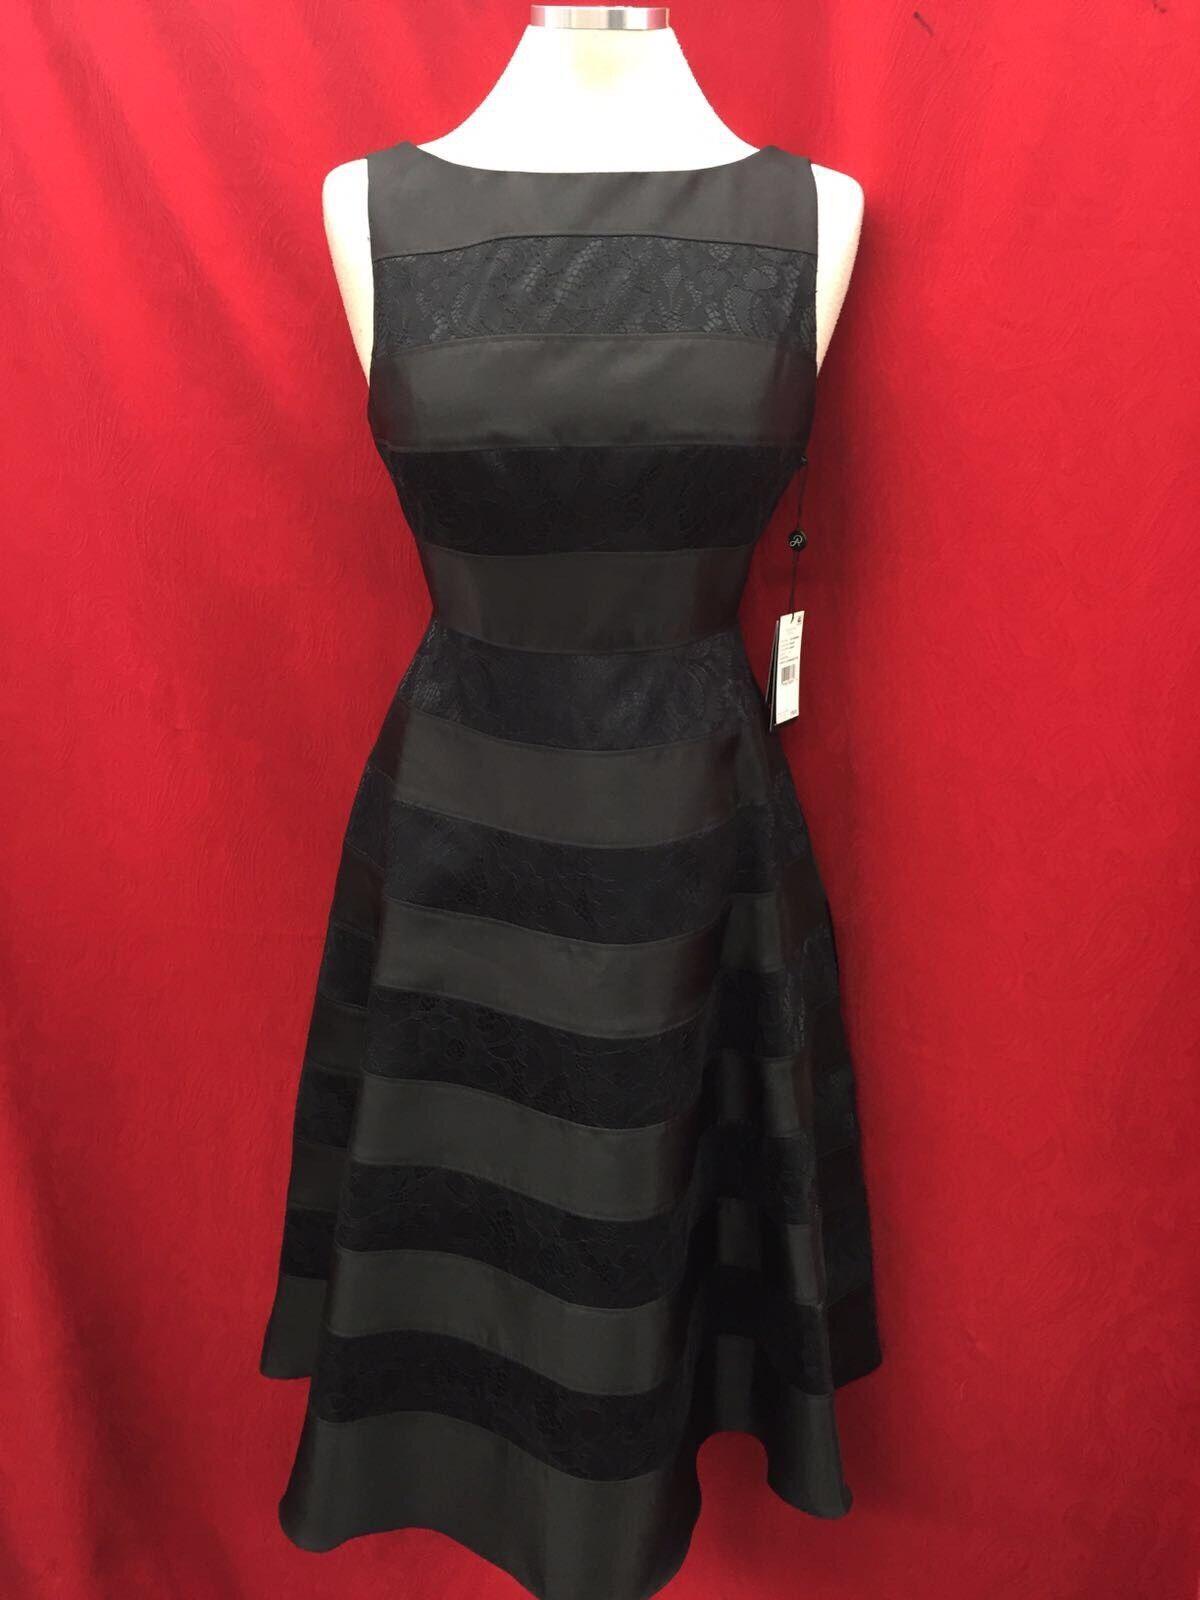 Adrianna Papell Kleid   Schwarz   Länge 11.9m   Größe 4P   Einzelhandel mit